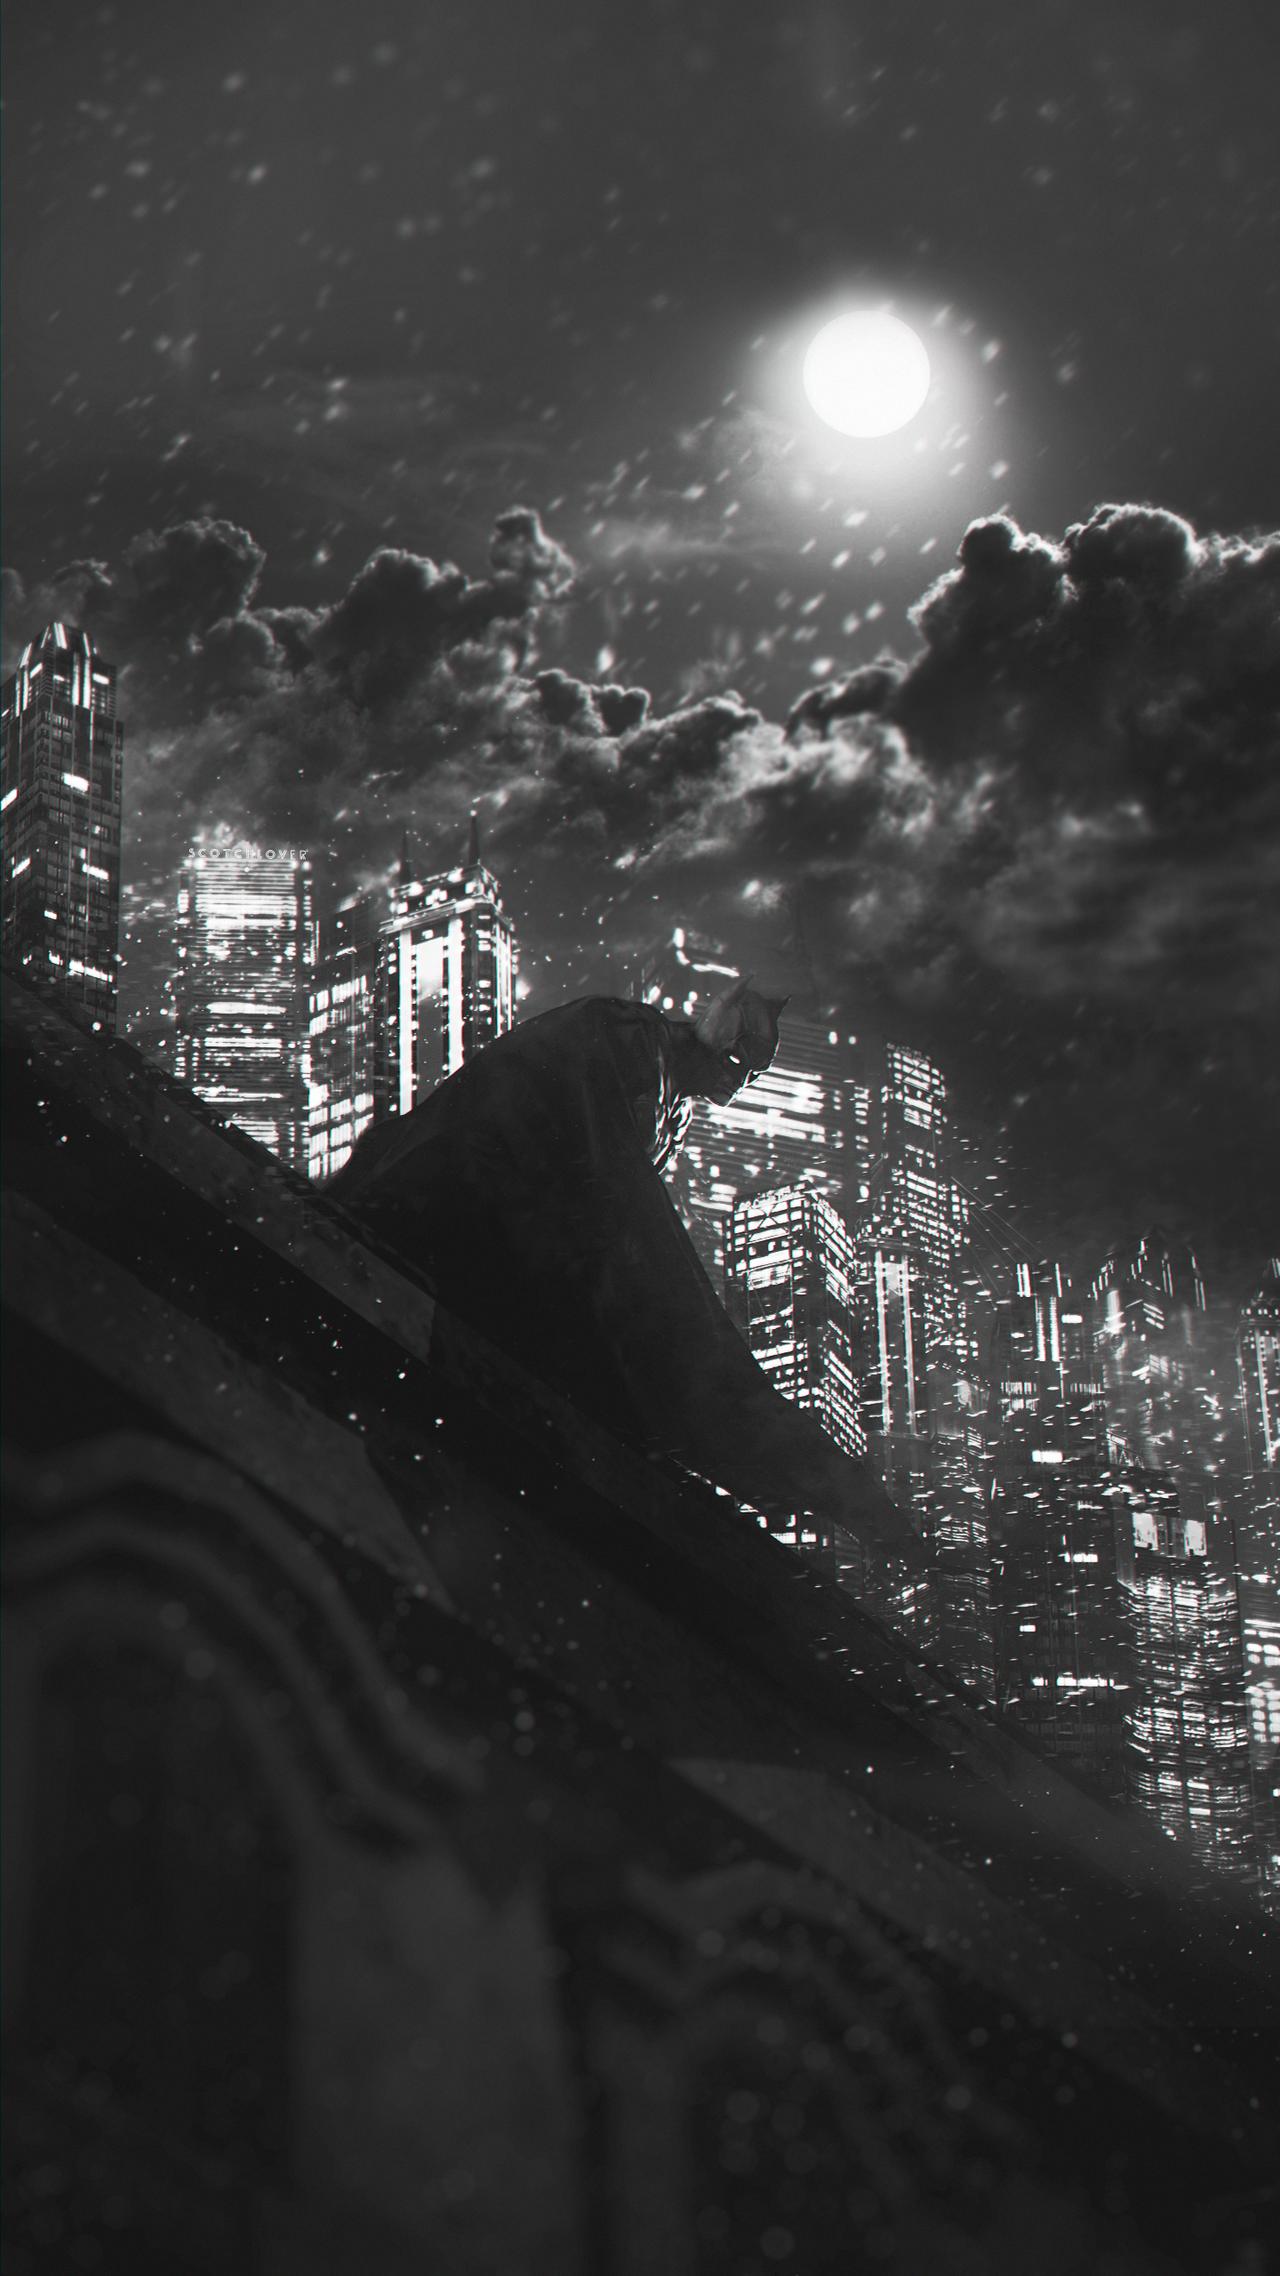 Batman - Guardian of Gotham (b/w) by Scotchlover